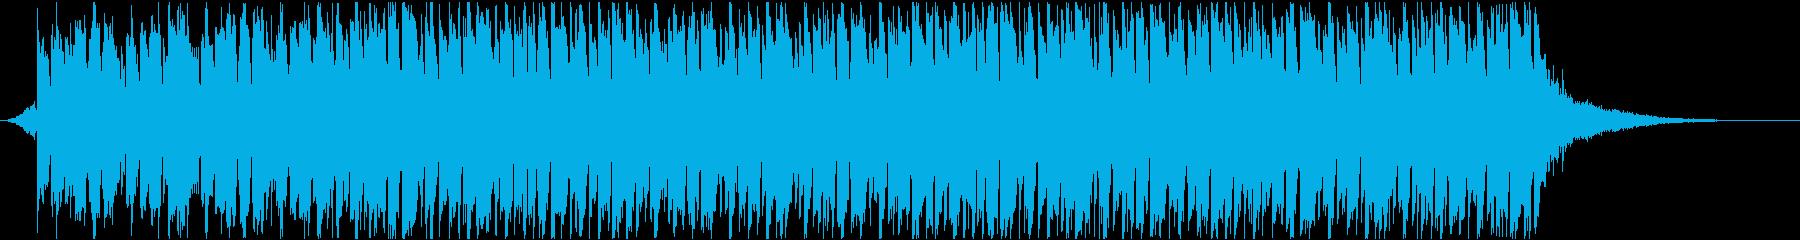 ポップ テクノ 代替案 ハウス ダ...の再生済みの波形